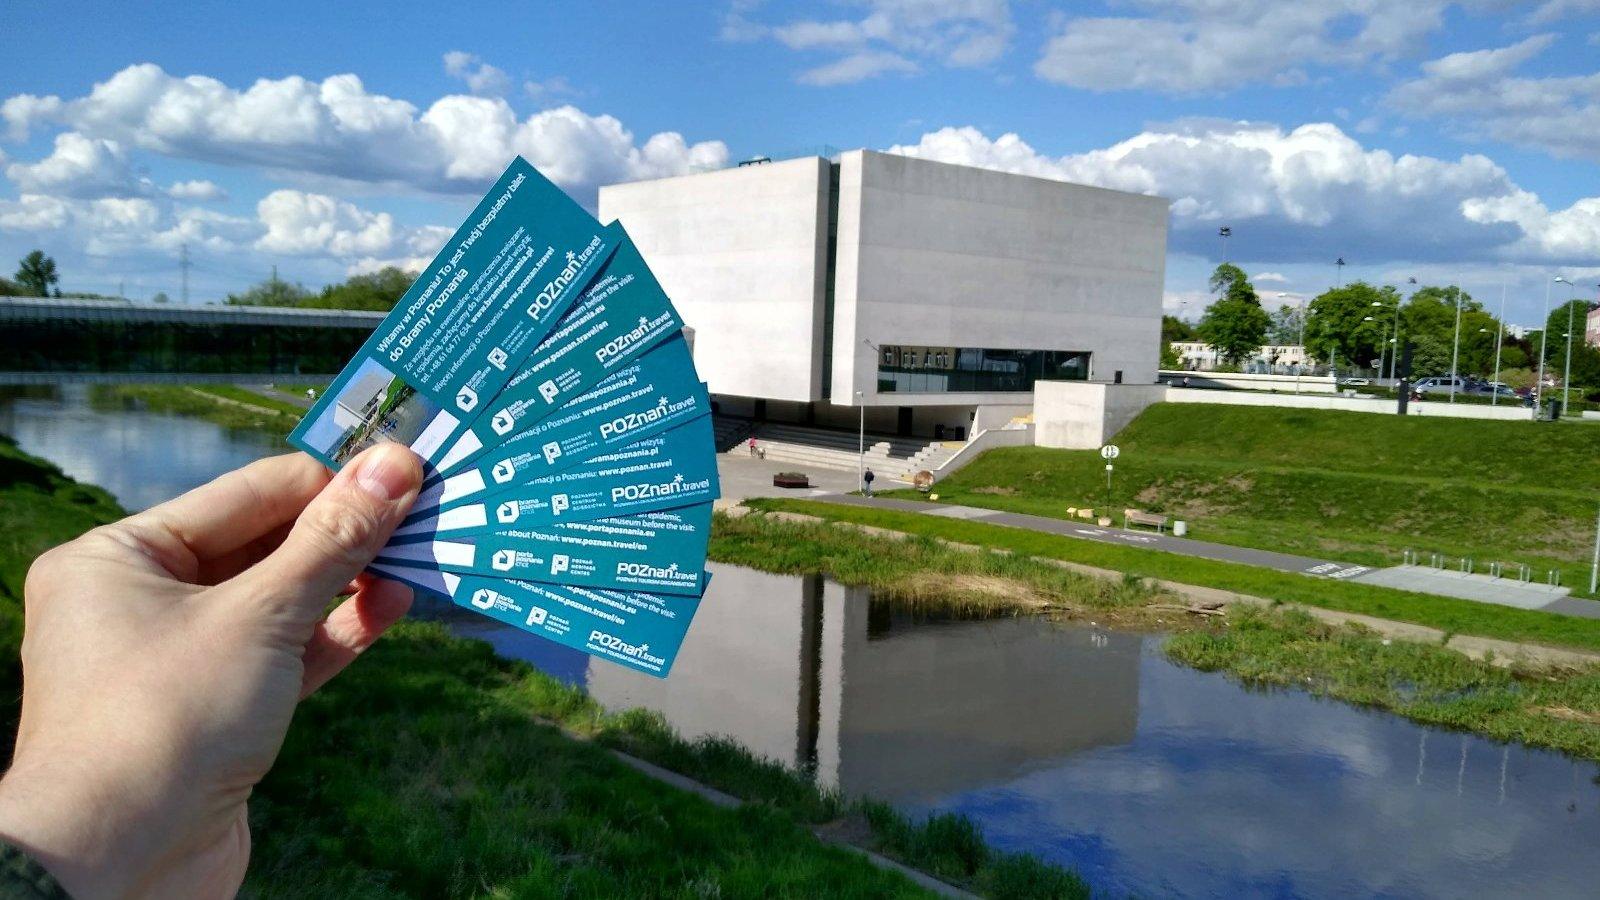 Zdjęcie przedstawia rękę trzymającą bilety. W tle widać budynek Bramy Poznania. - grafika artykułu